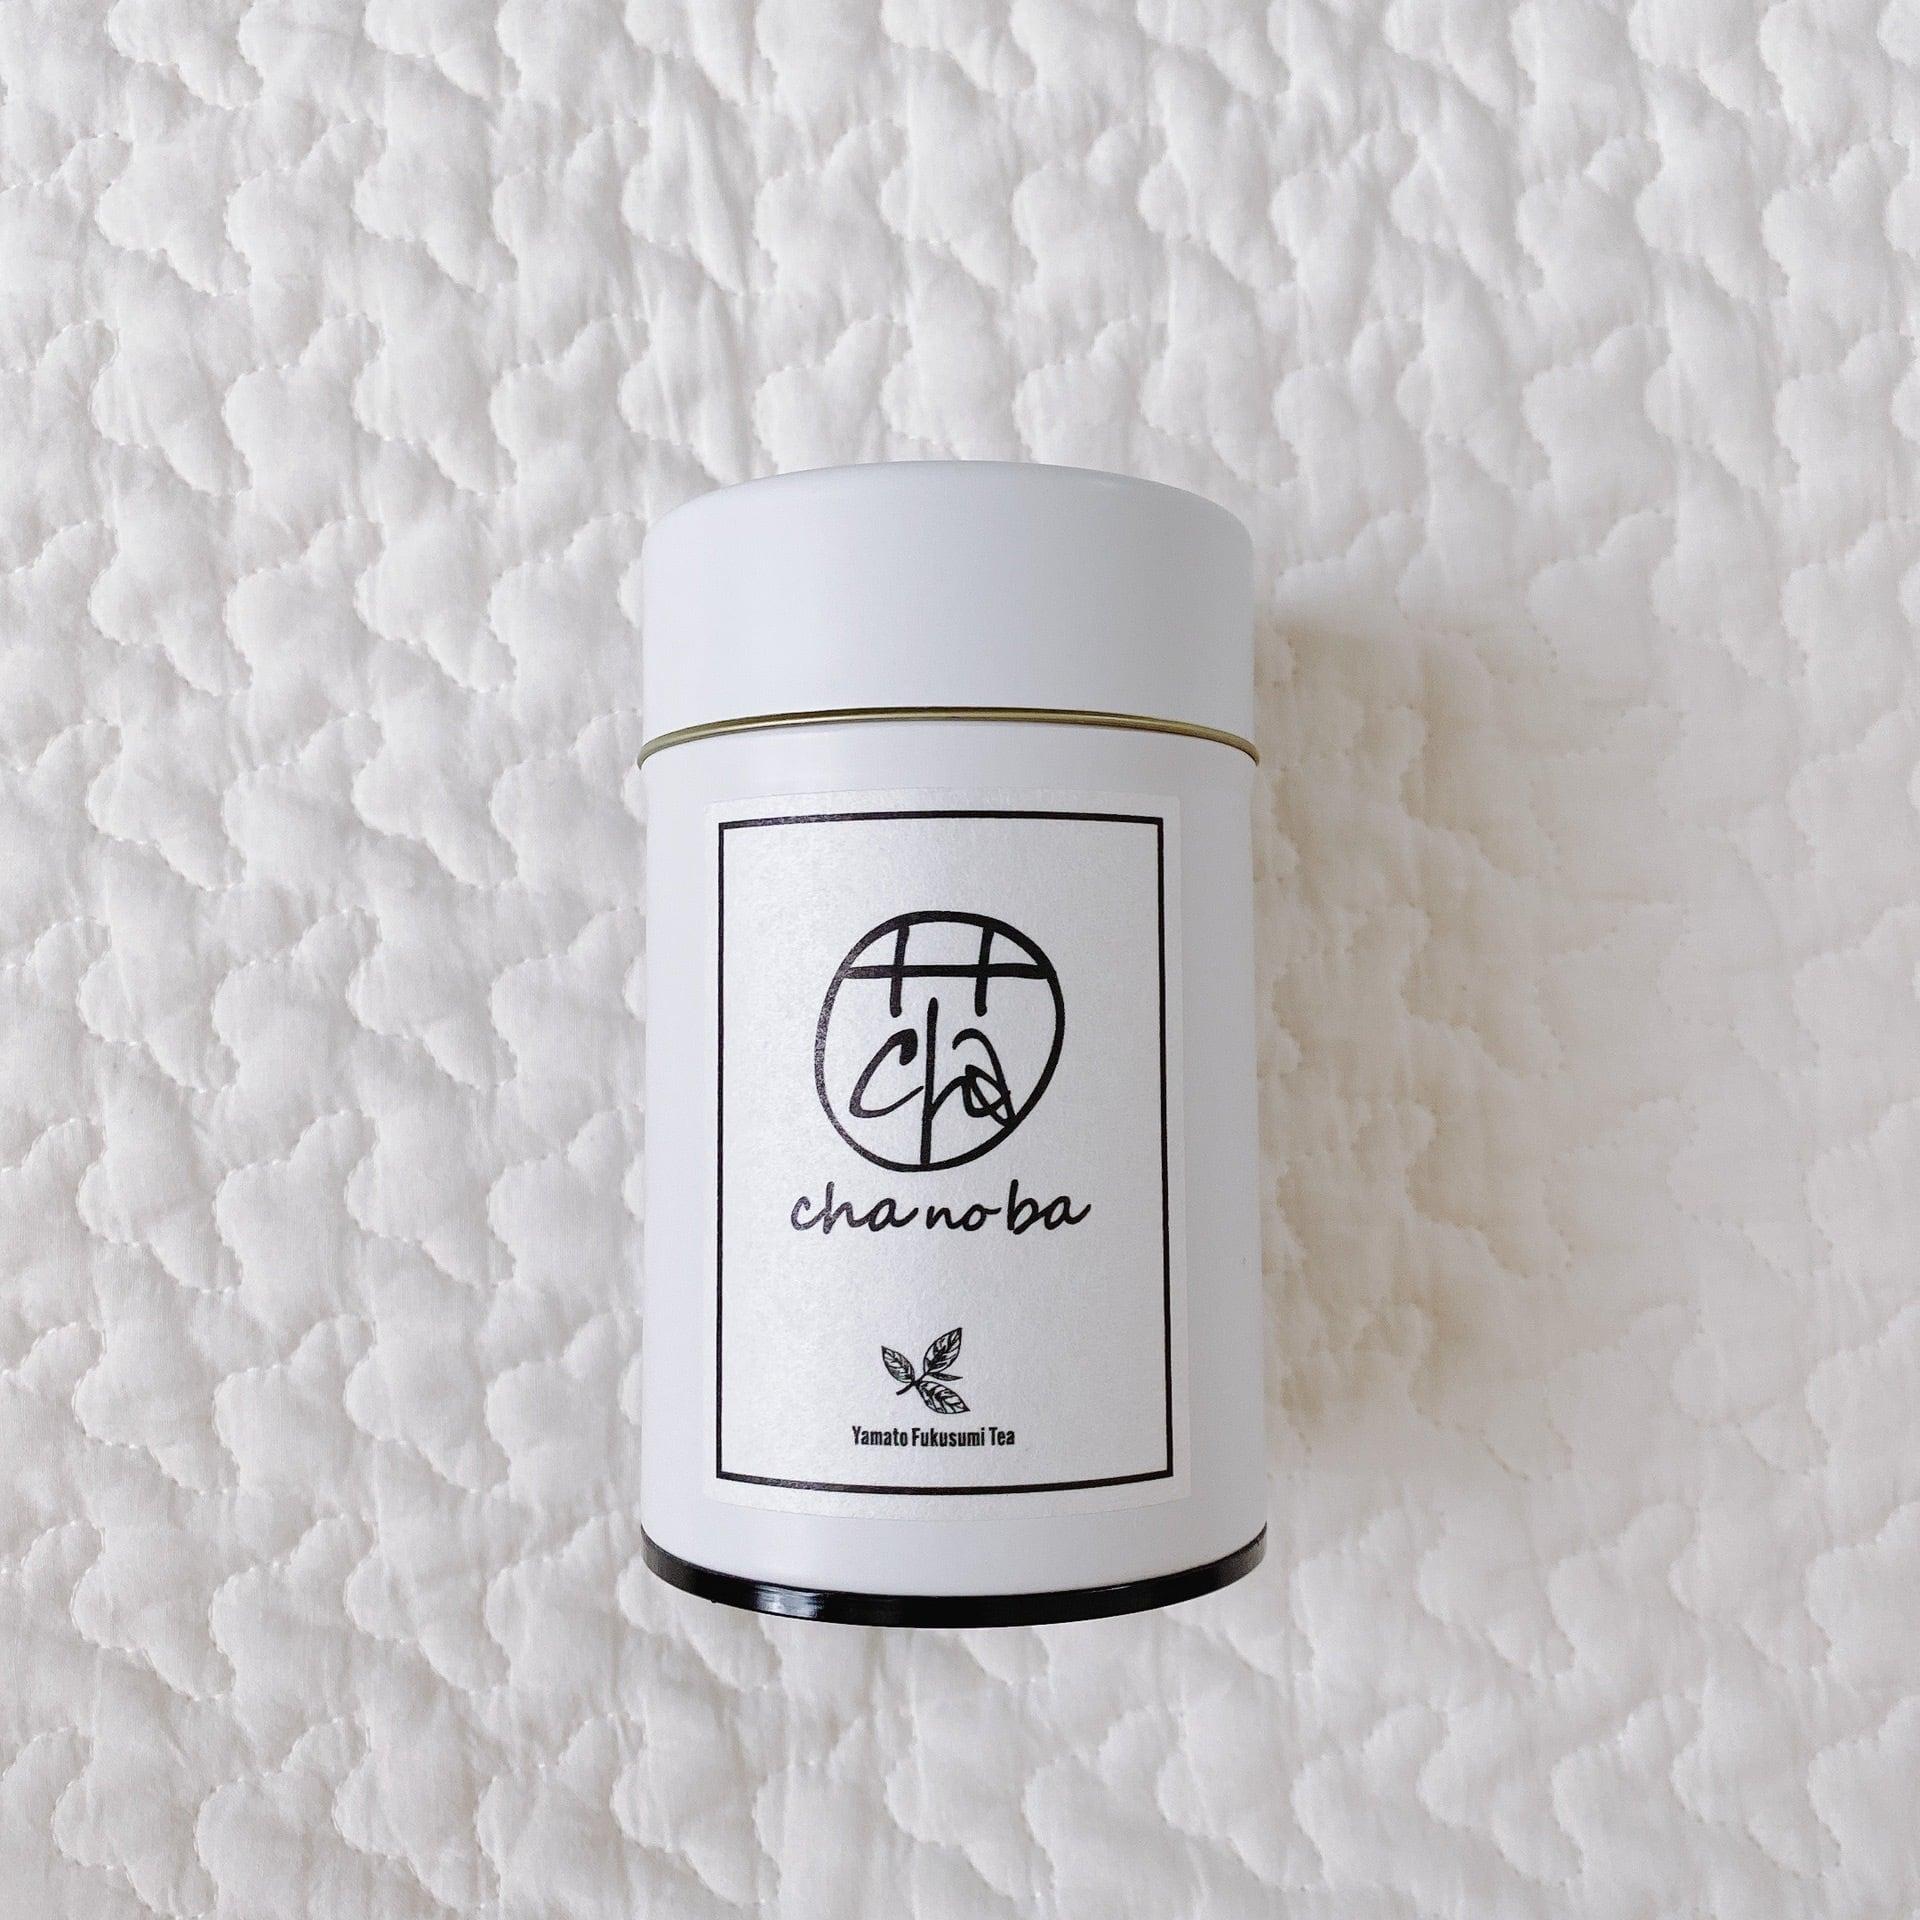 chanobaの茶筒